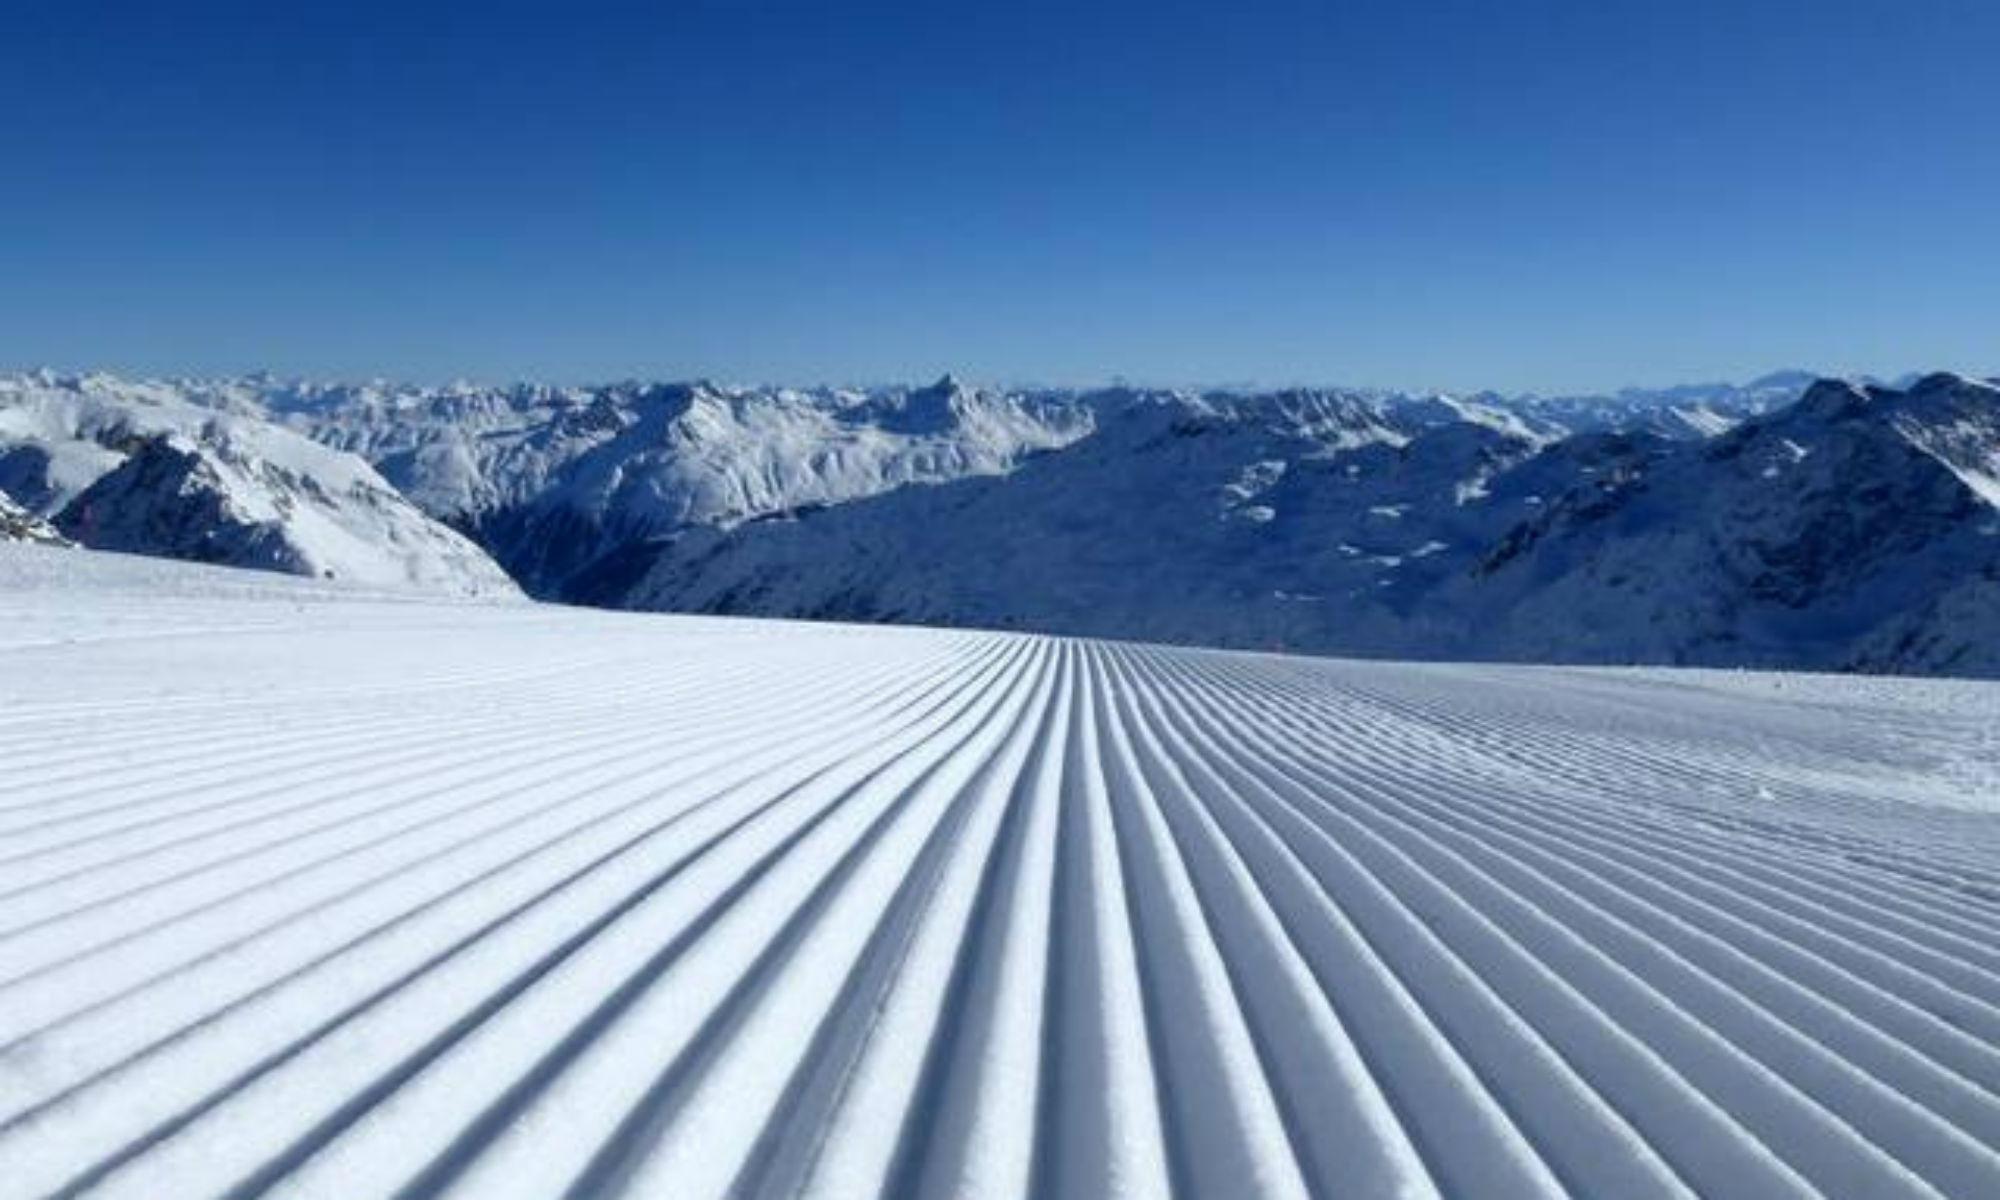 Frisch präparierte Piste im Skigebiet Corvatsch-Silvaplana.